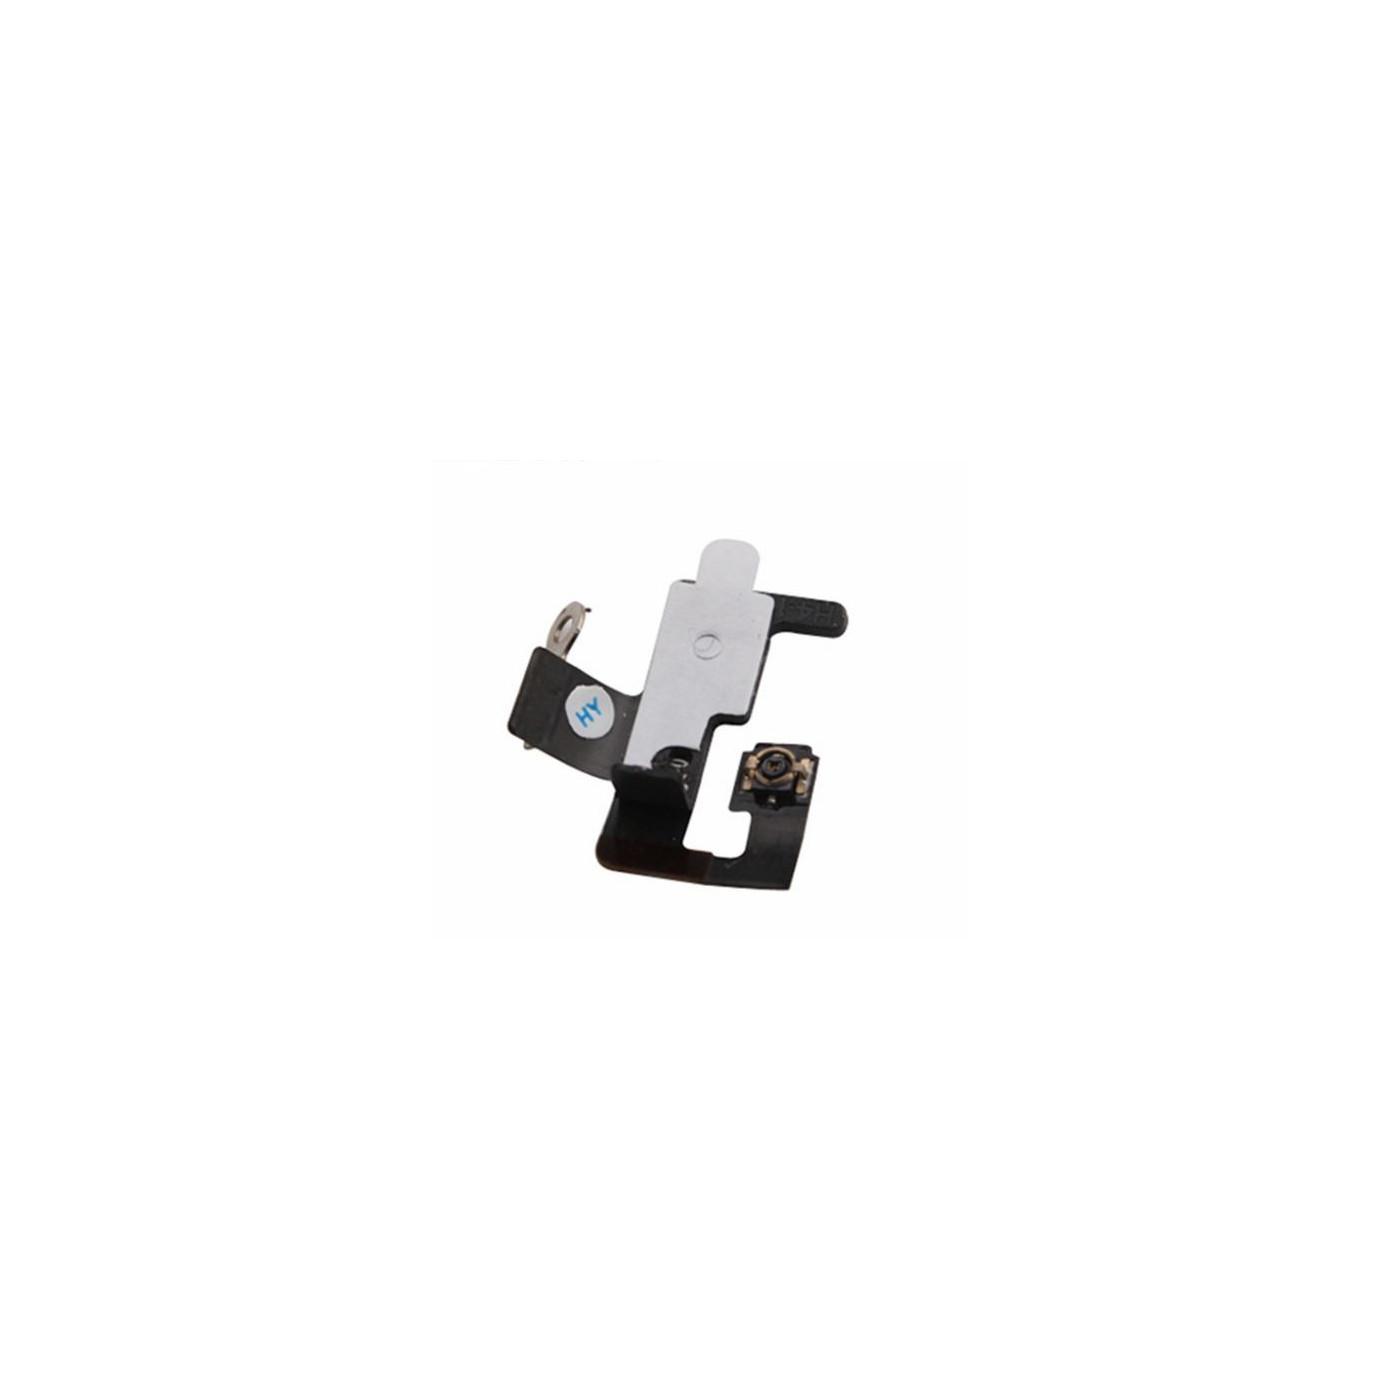 Reemplazo plano de la antena del módulo del wifi de la antena para el iphone 4s